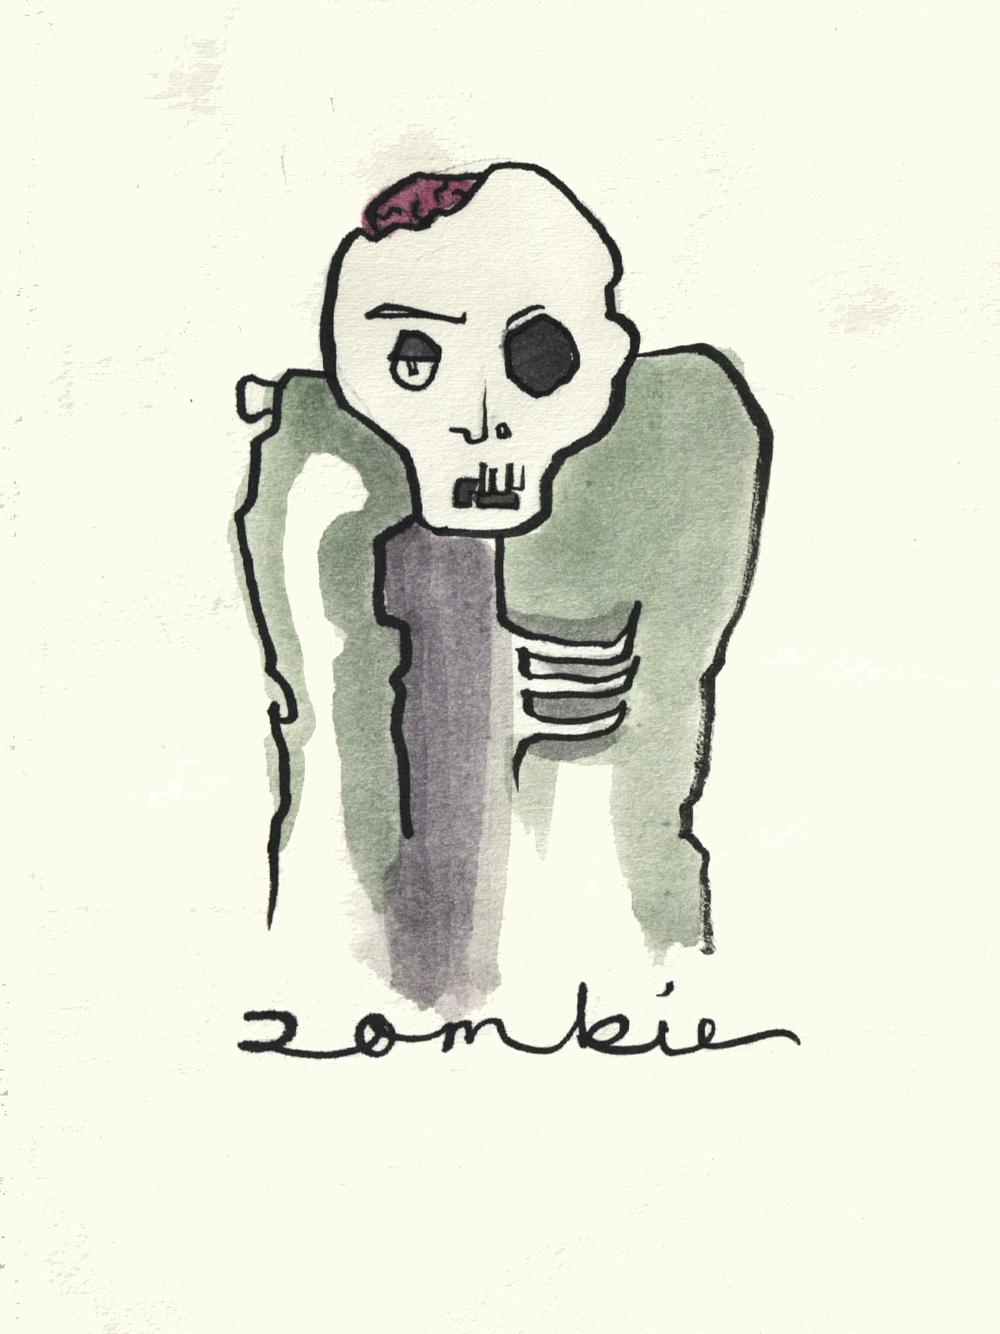 Z_Zombie.jpg